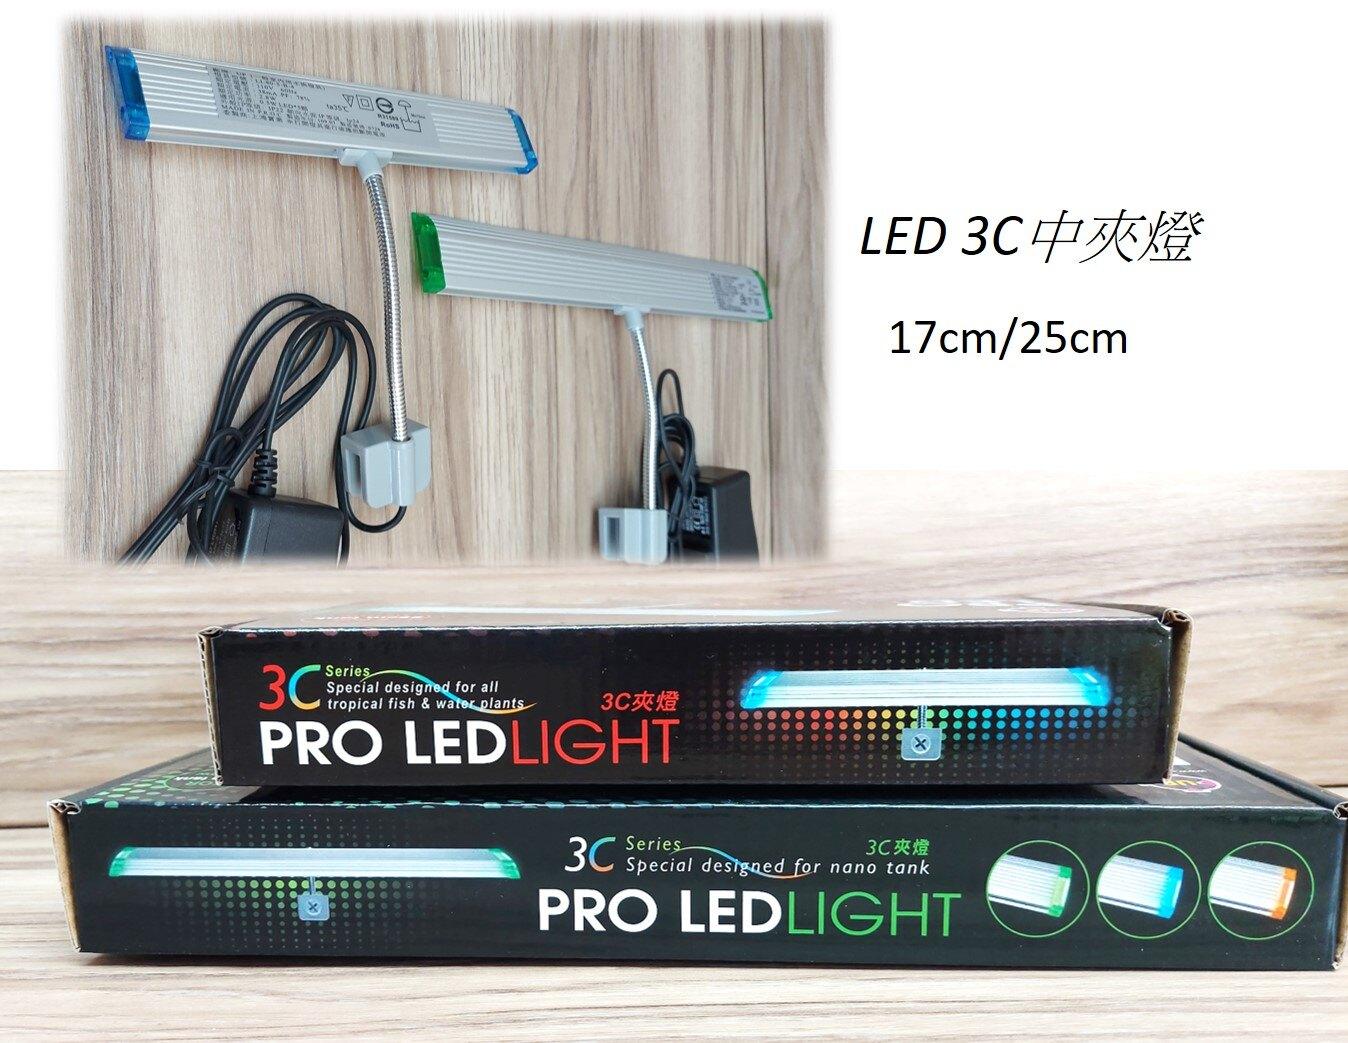 雅柏 UP 【LED 中夾燈】3C 夾燈 17/25公分 超薄型 水草燈 增艷燈 白燈 魚缸夾燈 水族LED燈